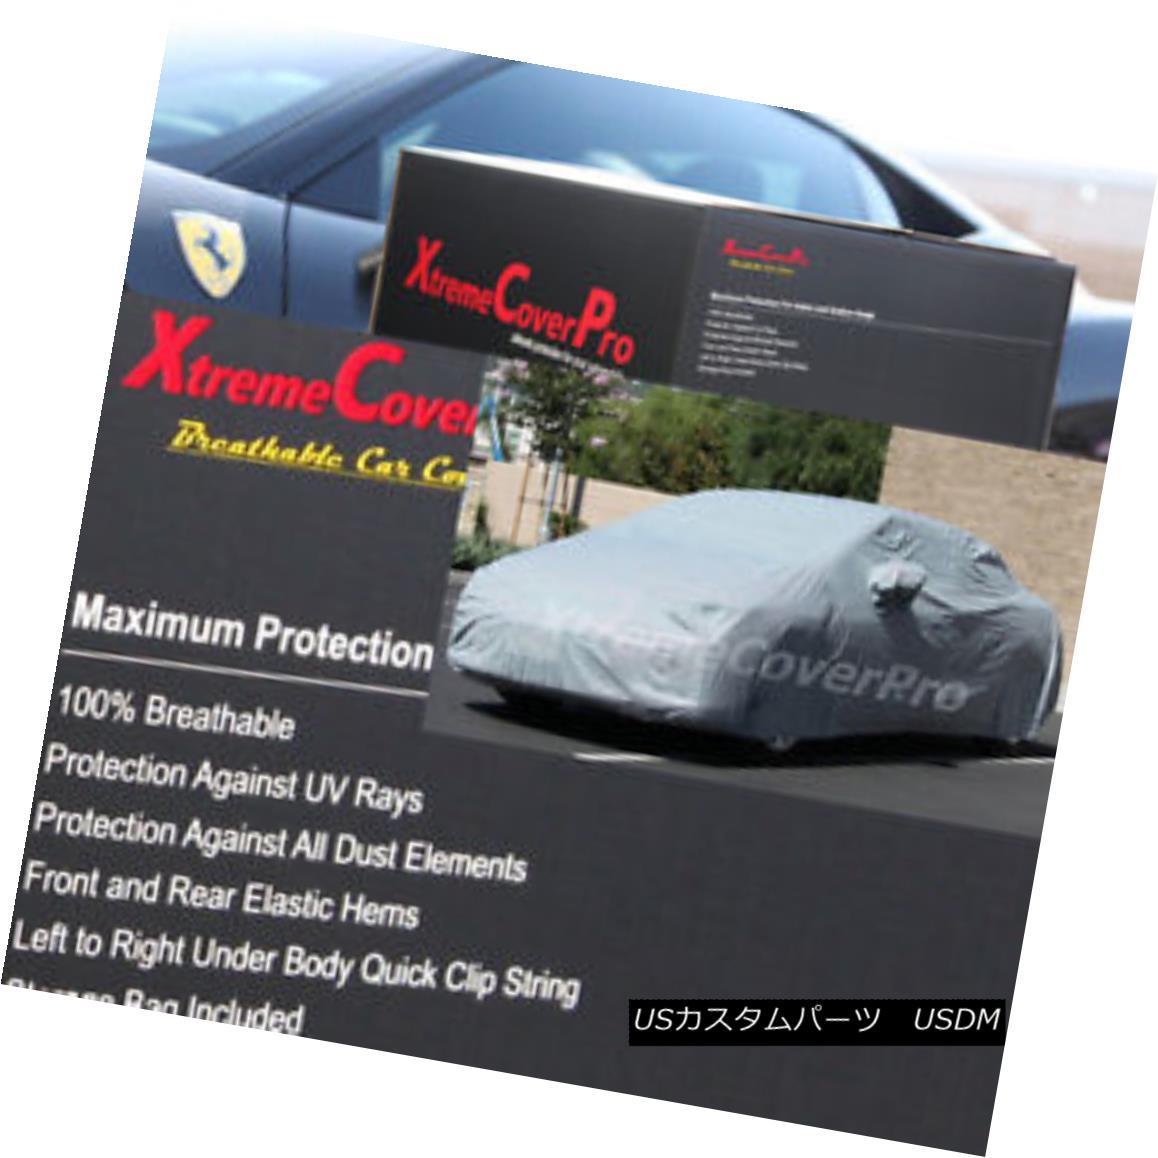 カーカバー 2000 2001 2002 Ford Focus 3-Door Hatchback Breathable Car Cover w/MirrorPocket 2000年2001年2002年フォードフォーカス3ドアハッチバック通気性車カバー付きMirrorPocket